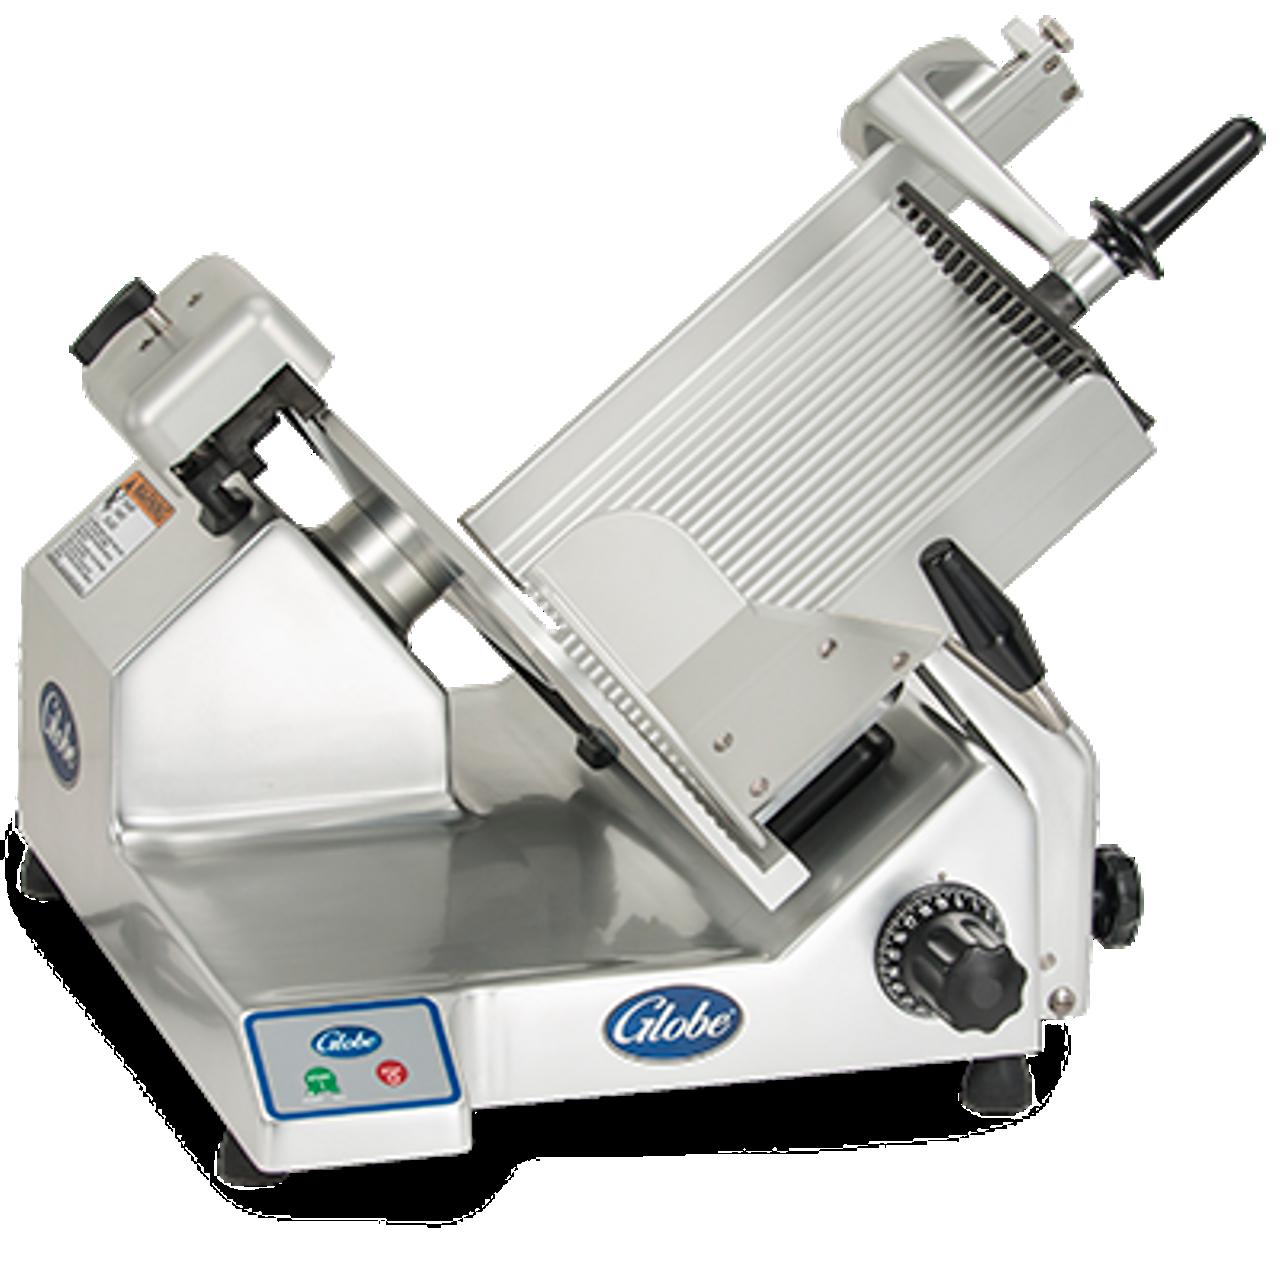 """Globe S13 -- 13"""" Heavy Duty Manual Gravity Feed Slicer - 1/2 HP"""